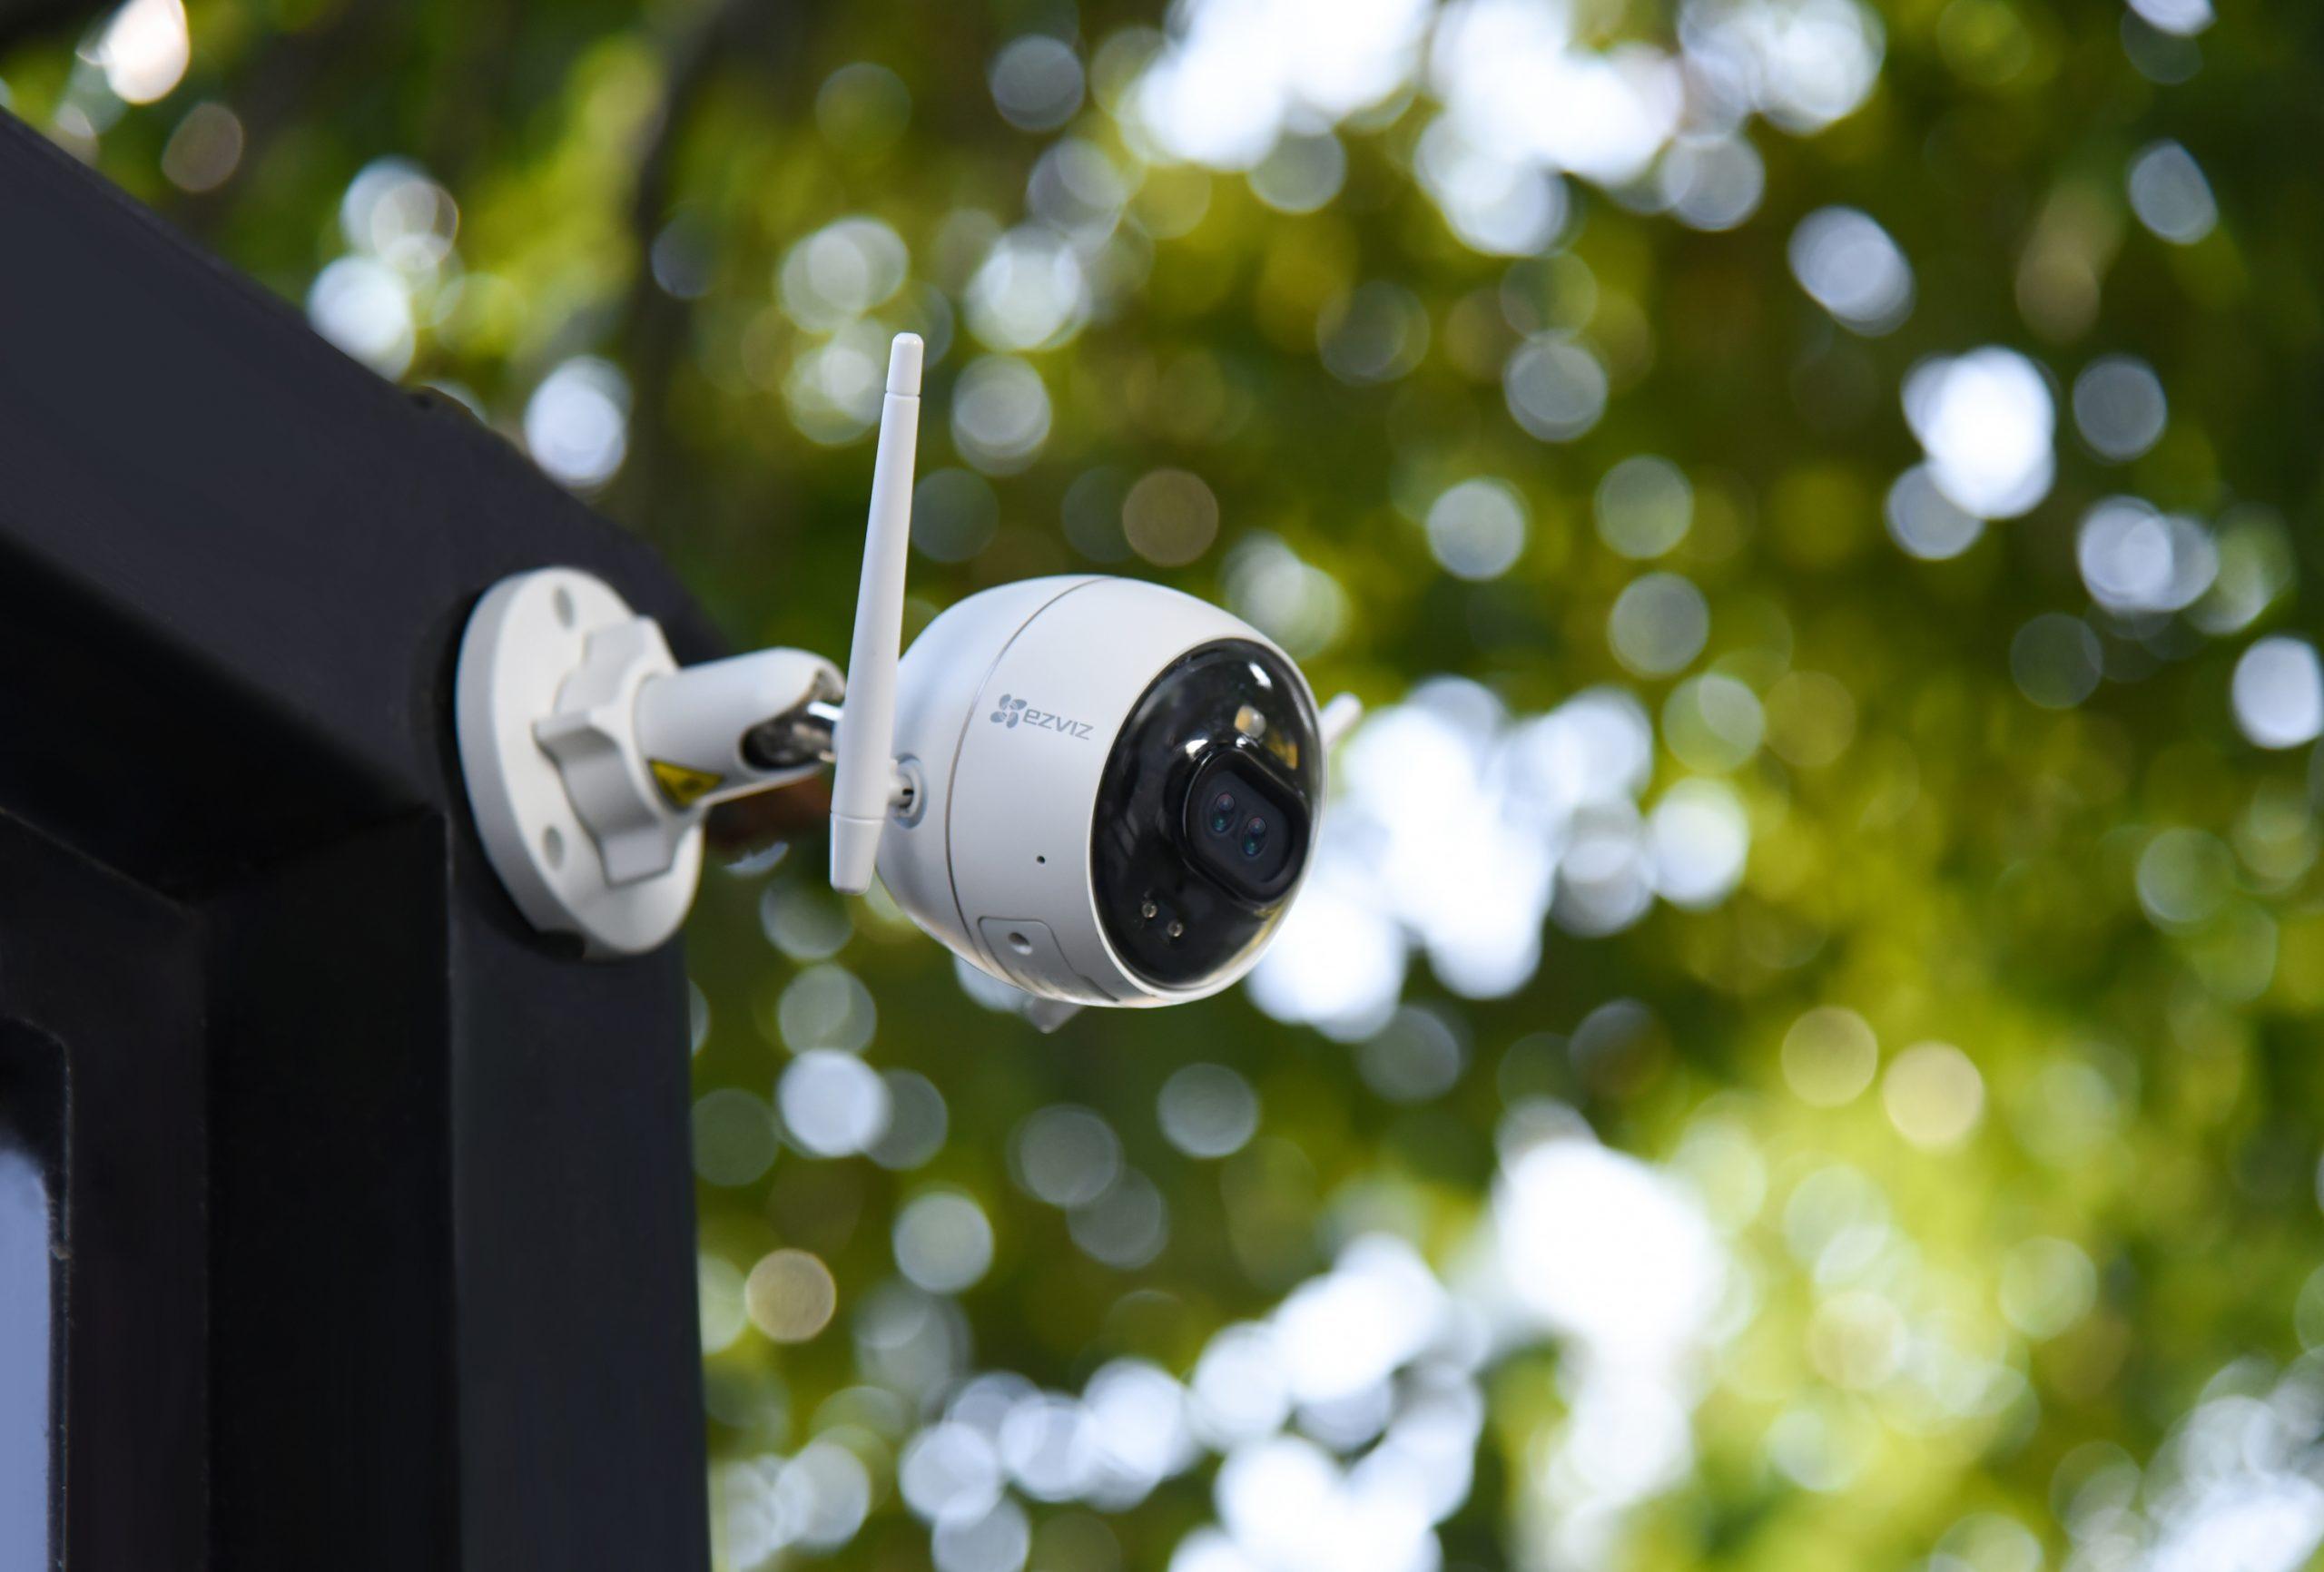 รู้จัก EZVIZ กล้องอัจฉริยะสุดล้ำ ผู้นำด้านเทคโนโลยีความปลอดภัยระดับโลก